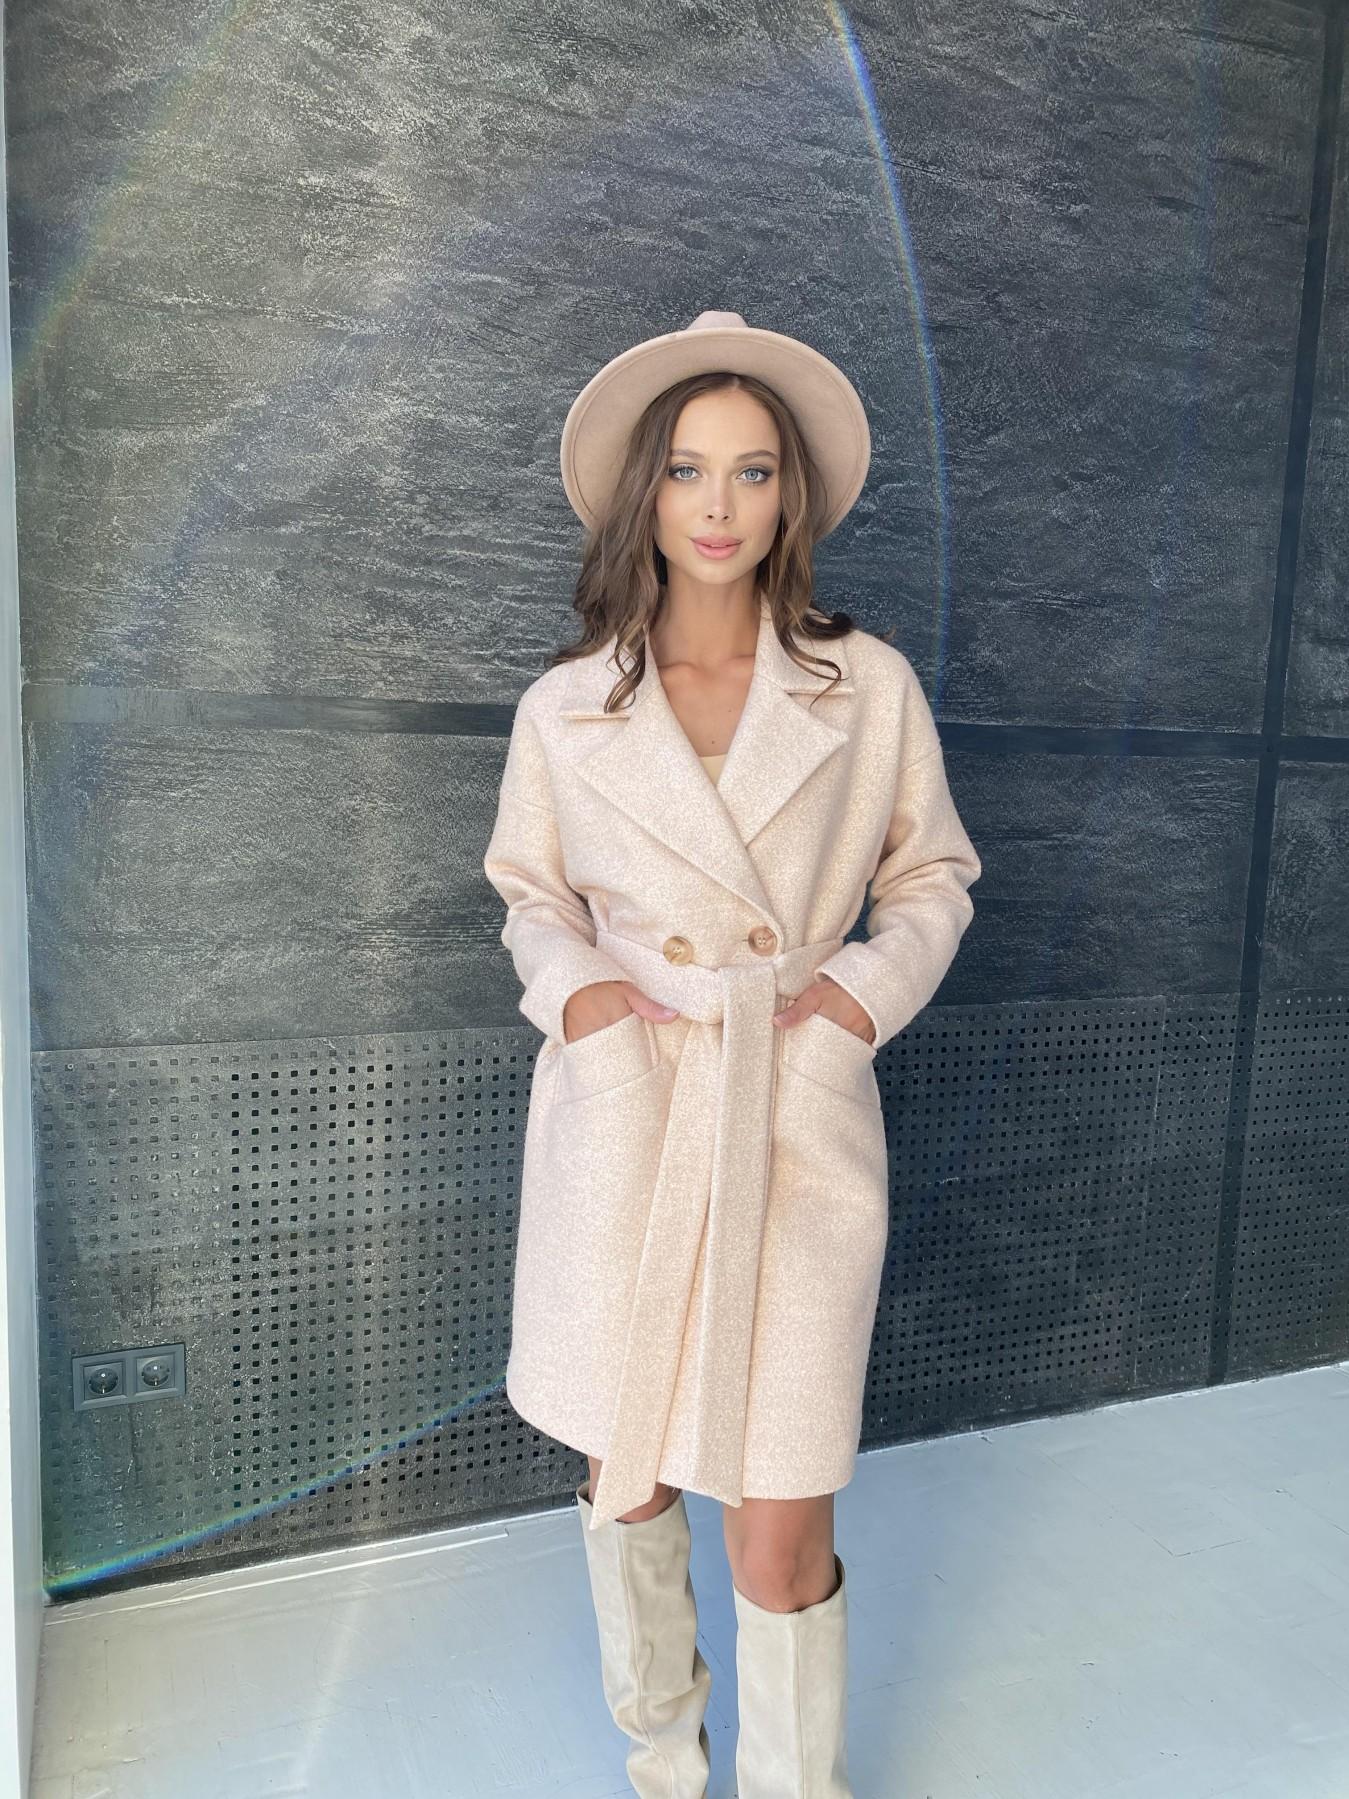 Сенсей пальто  шерсть букле мелкое пальтовая ткань 11647 АРТ. 48355 Цвет: Бежевый 30 - фото 8, интернет магазин tm-modus.ru